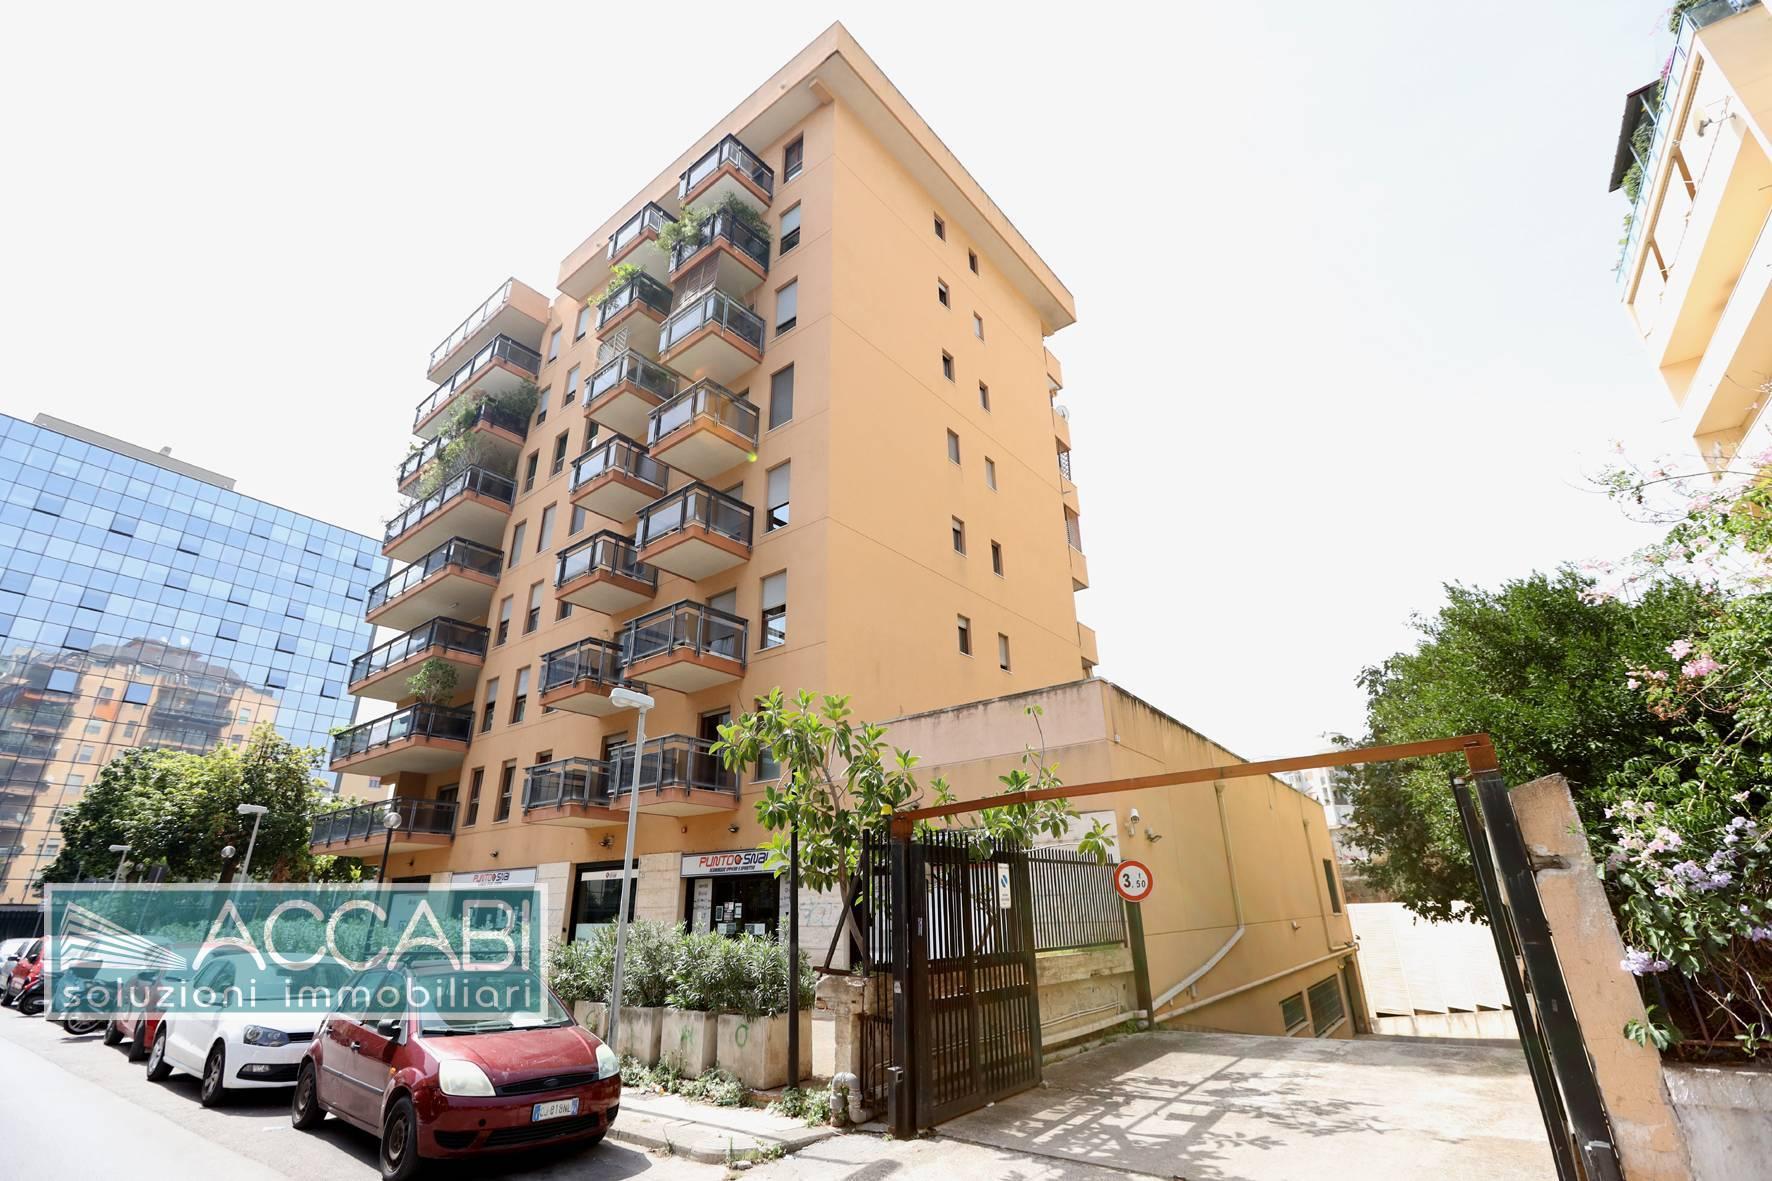 Appartamento in vendita a Palermo, 6 locali, zona Località: Lazio, prezzo € 430.000   PortaleAgenzieImmobiliari.it